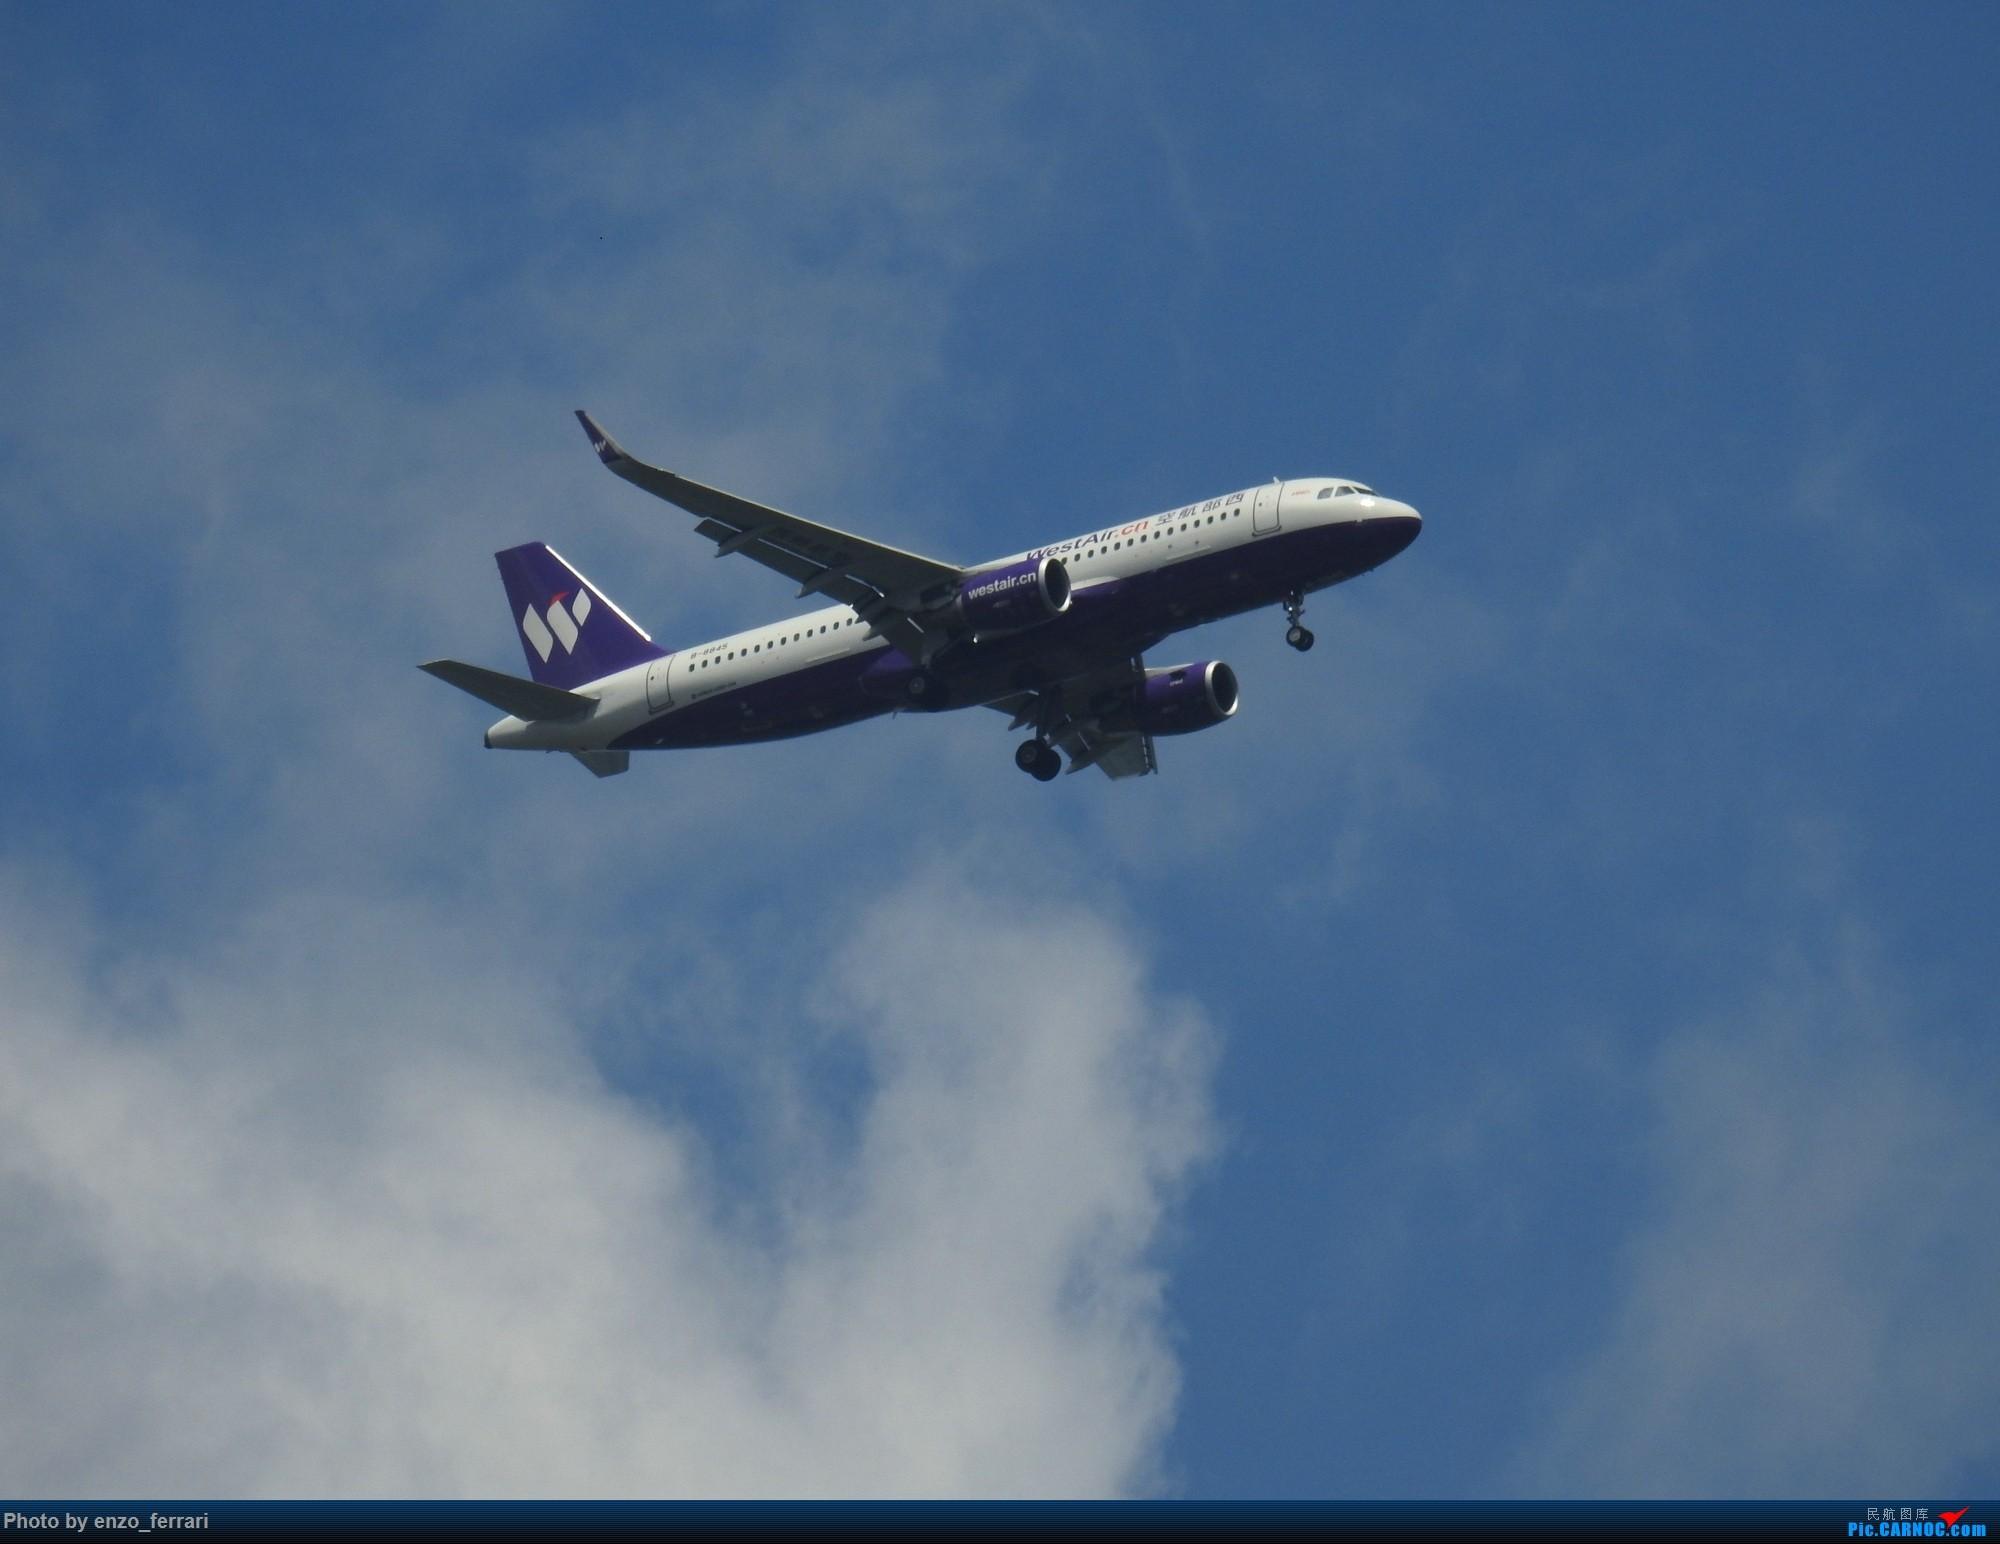 [原创]【KWE】贵阳3000英尺拍飞机进近 AIRBUS A320-200 B-8845 中国贵阳龙洞堡国际机场